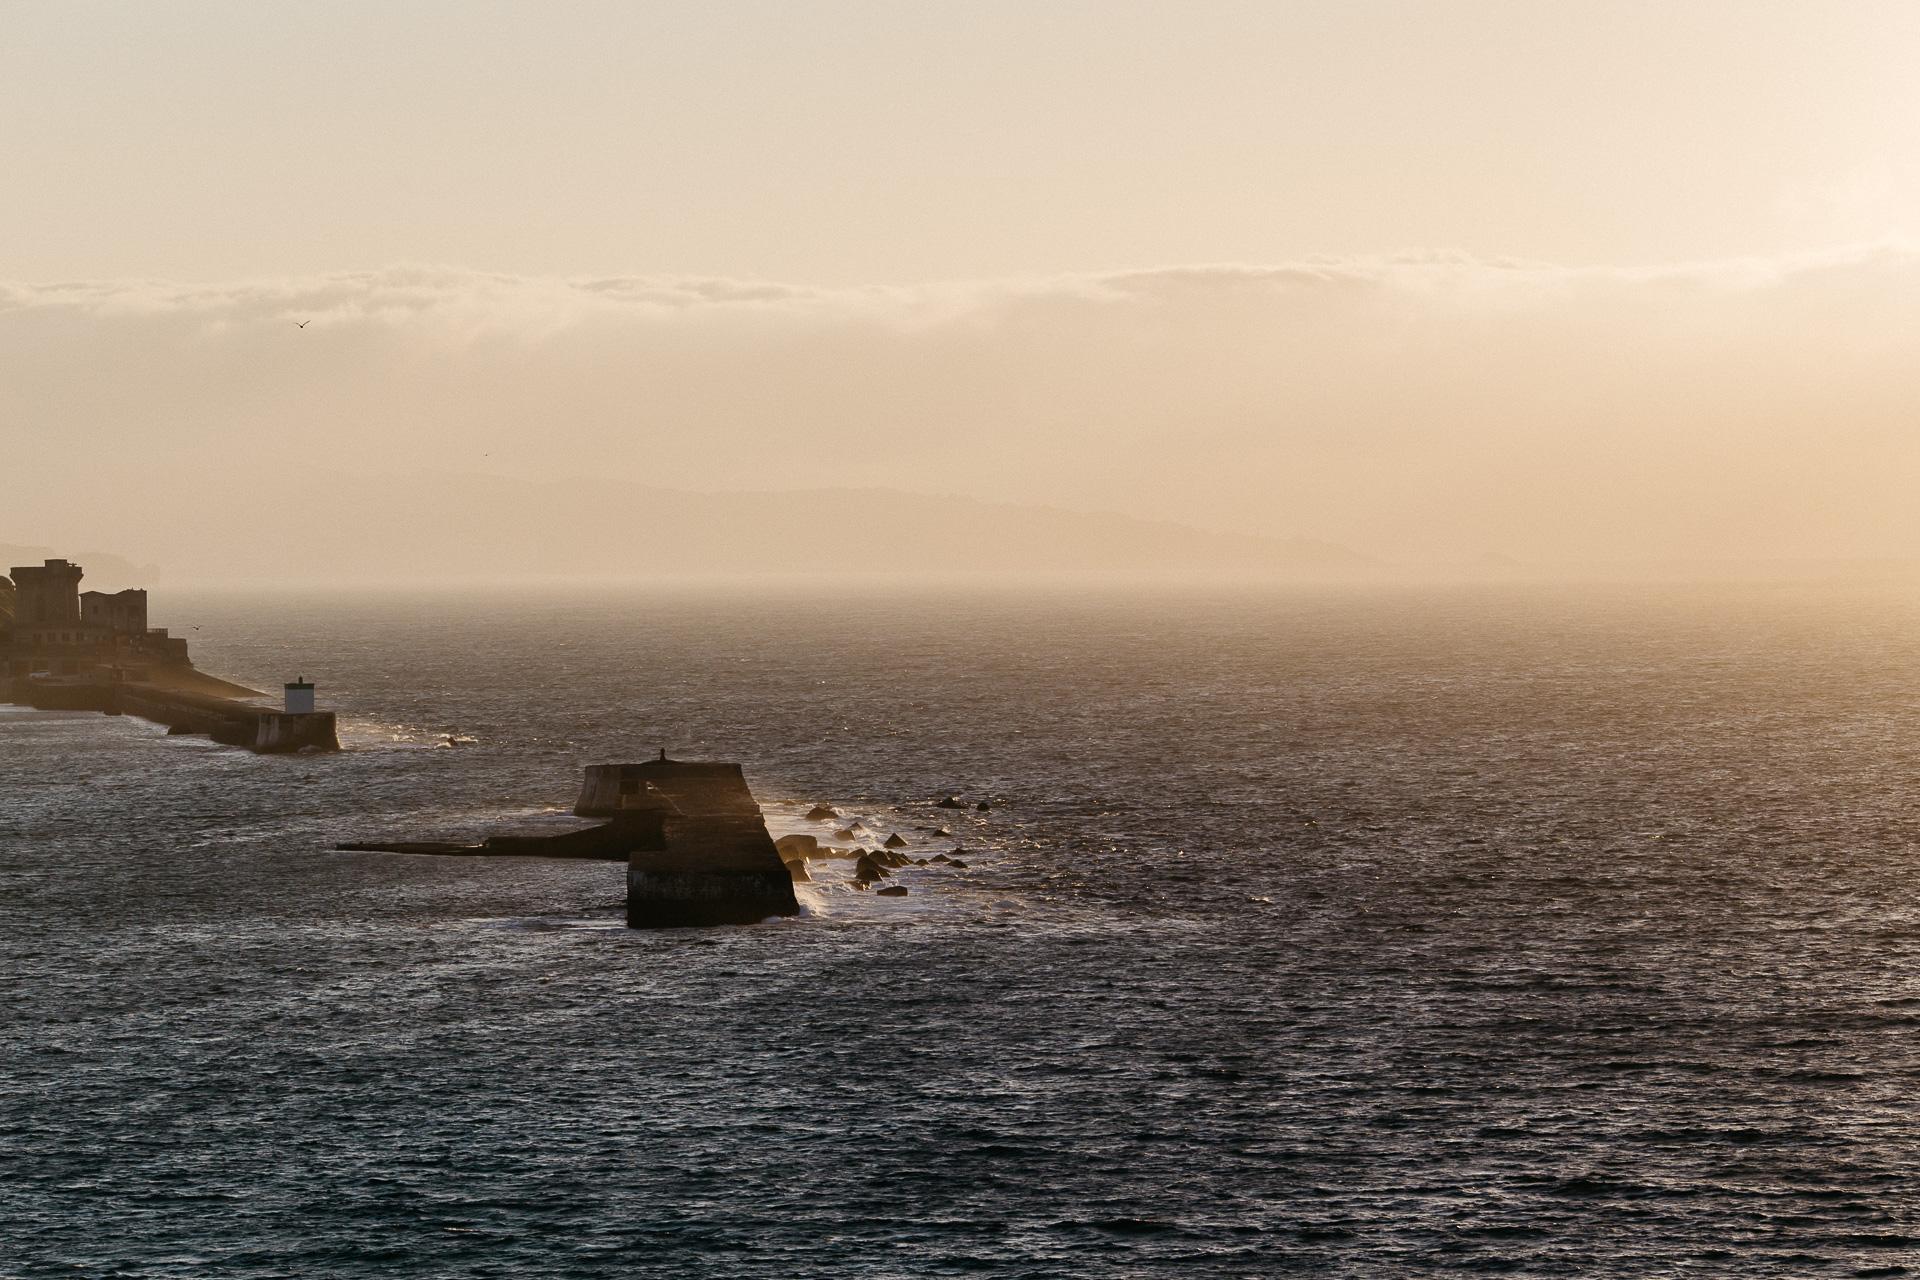 Damien-Dohmen-photographe-Ocean-25